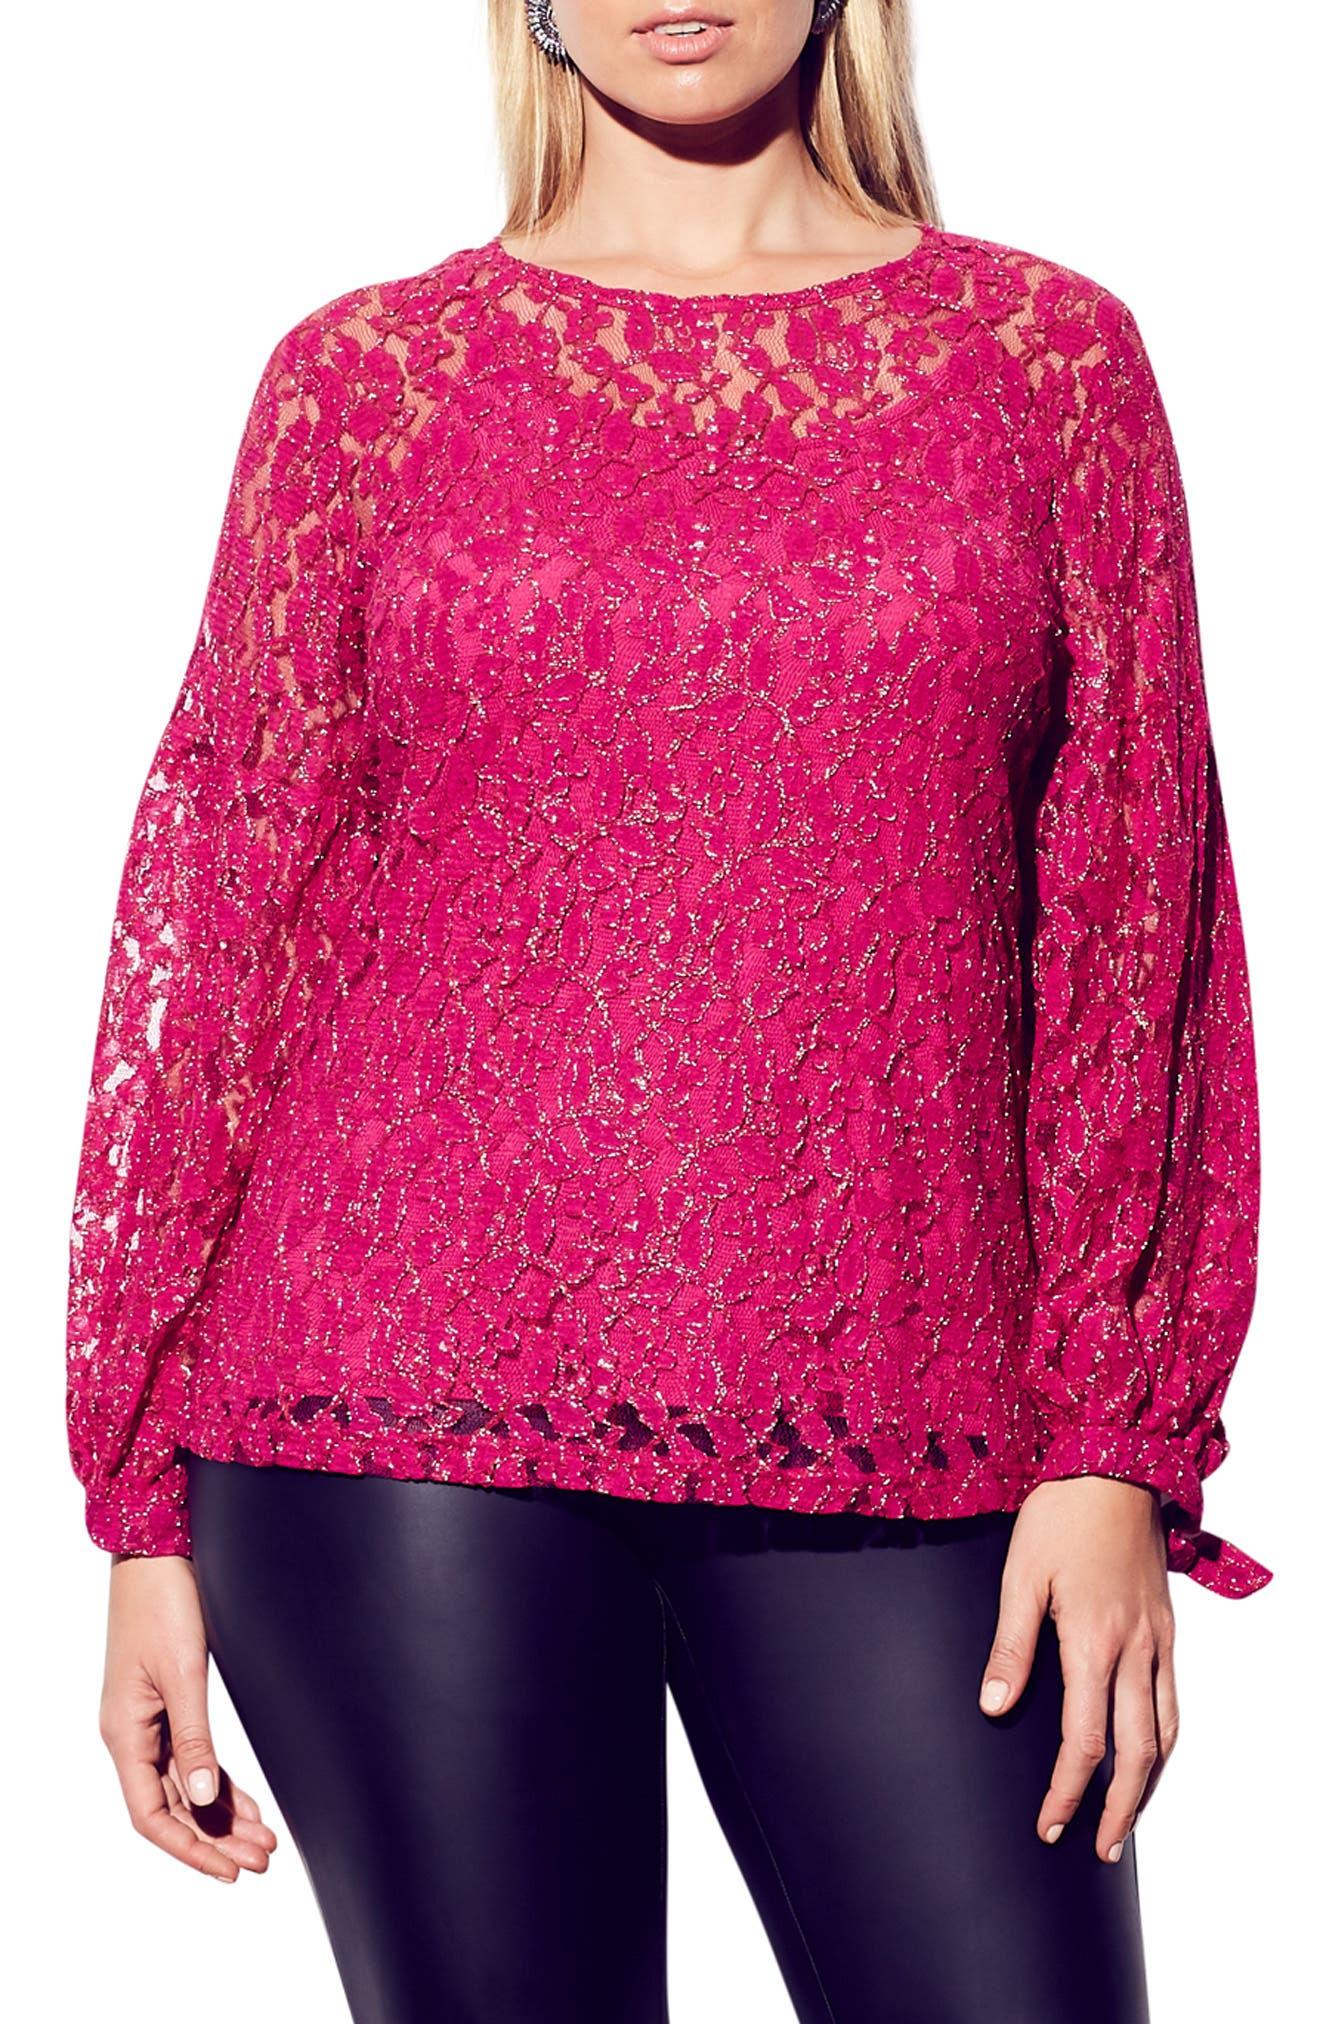 CITY CHIC Metallic Detail Cotton Blend Lace Blouse, Main, color, MAGENTA